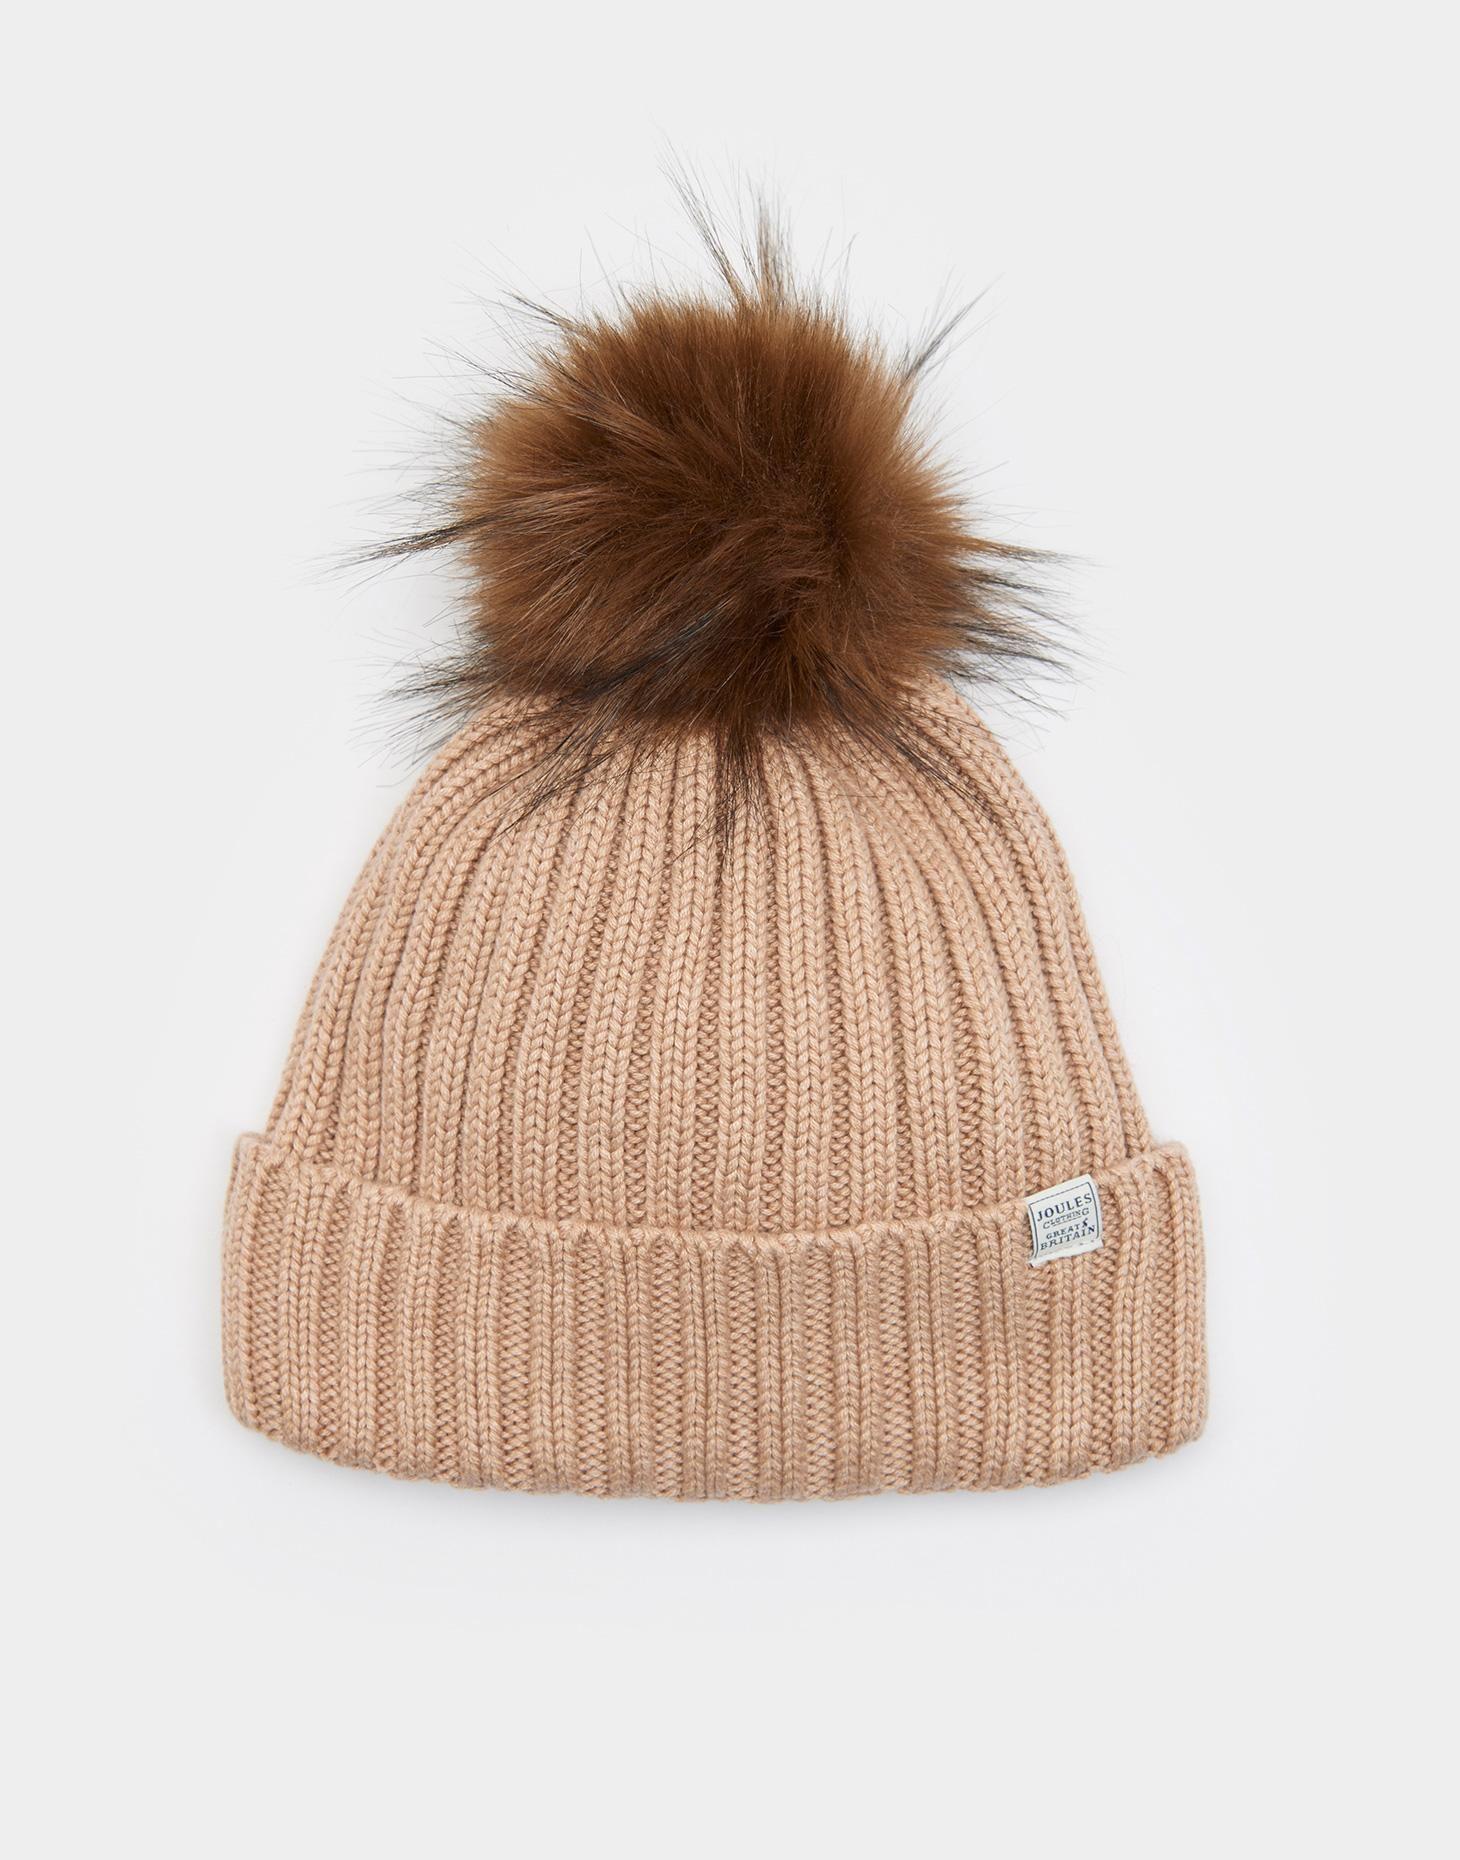 53dac5495e6 Pop-a-pom Oat Bobble Hat